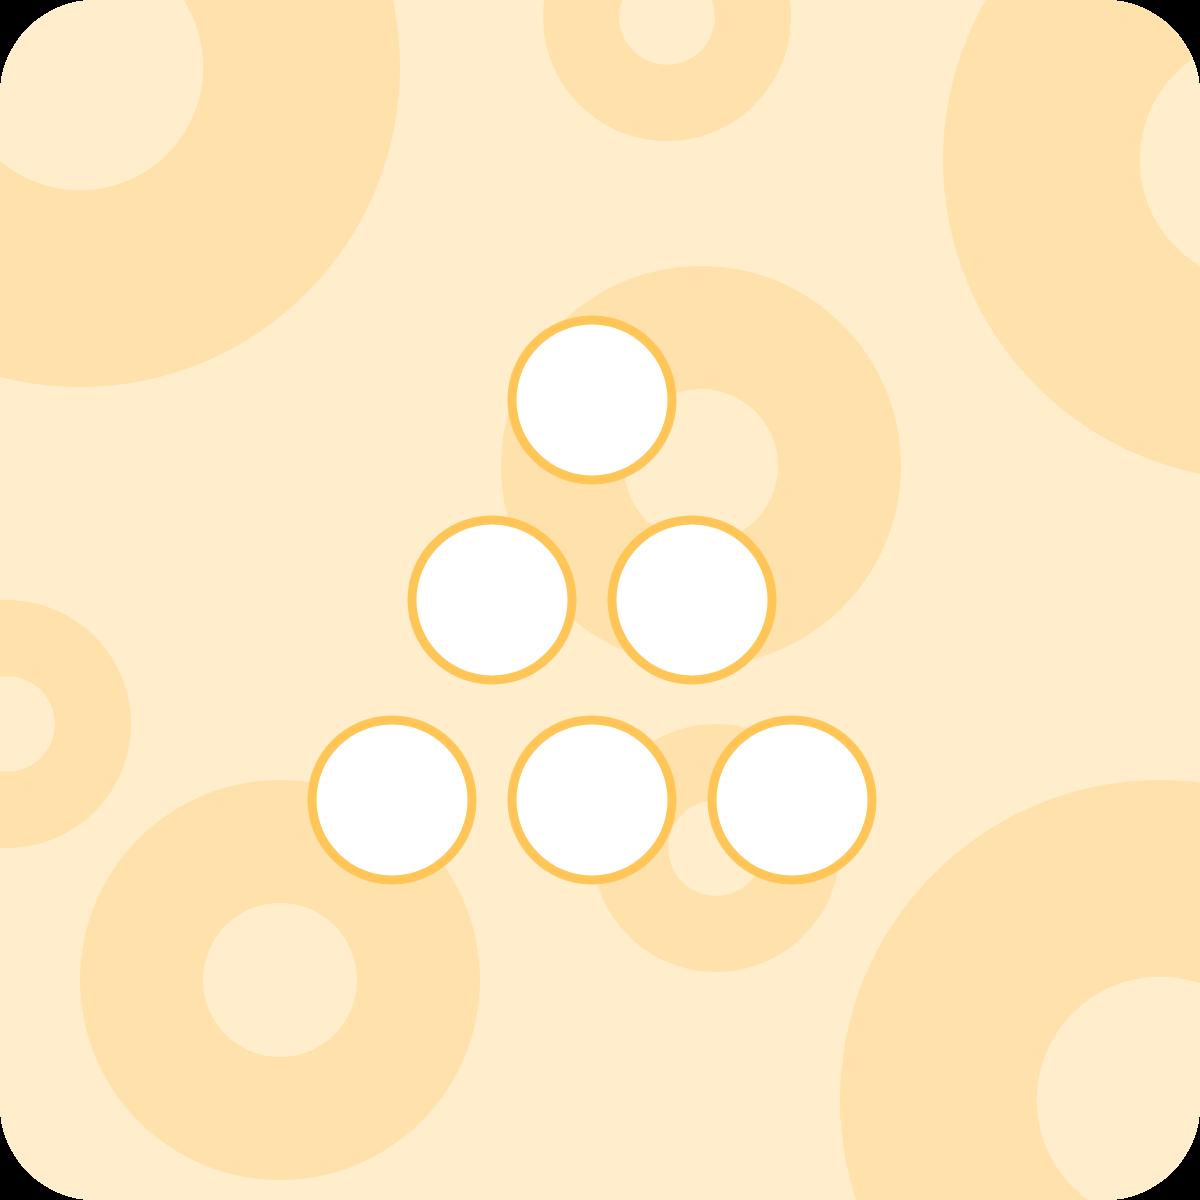 daan go - form - banner - macaron.png